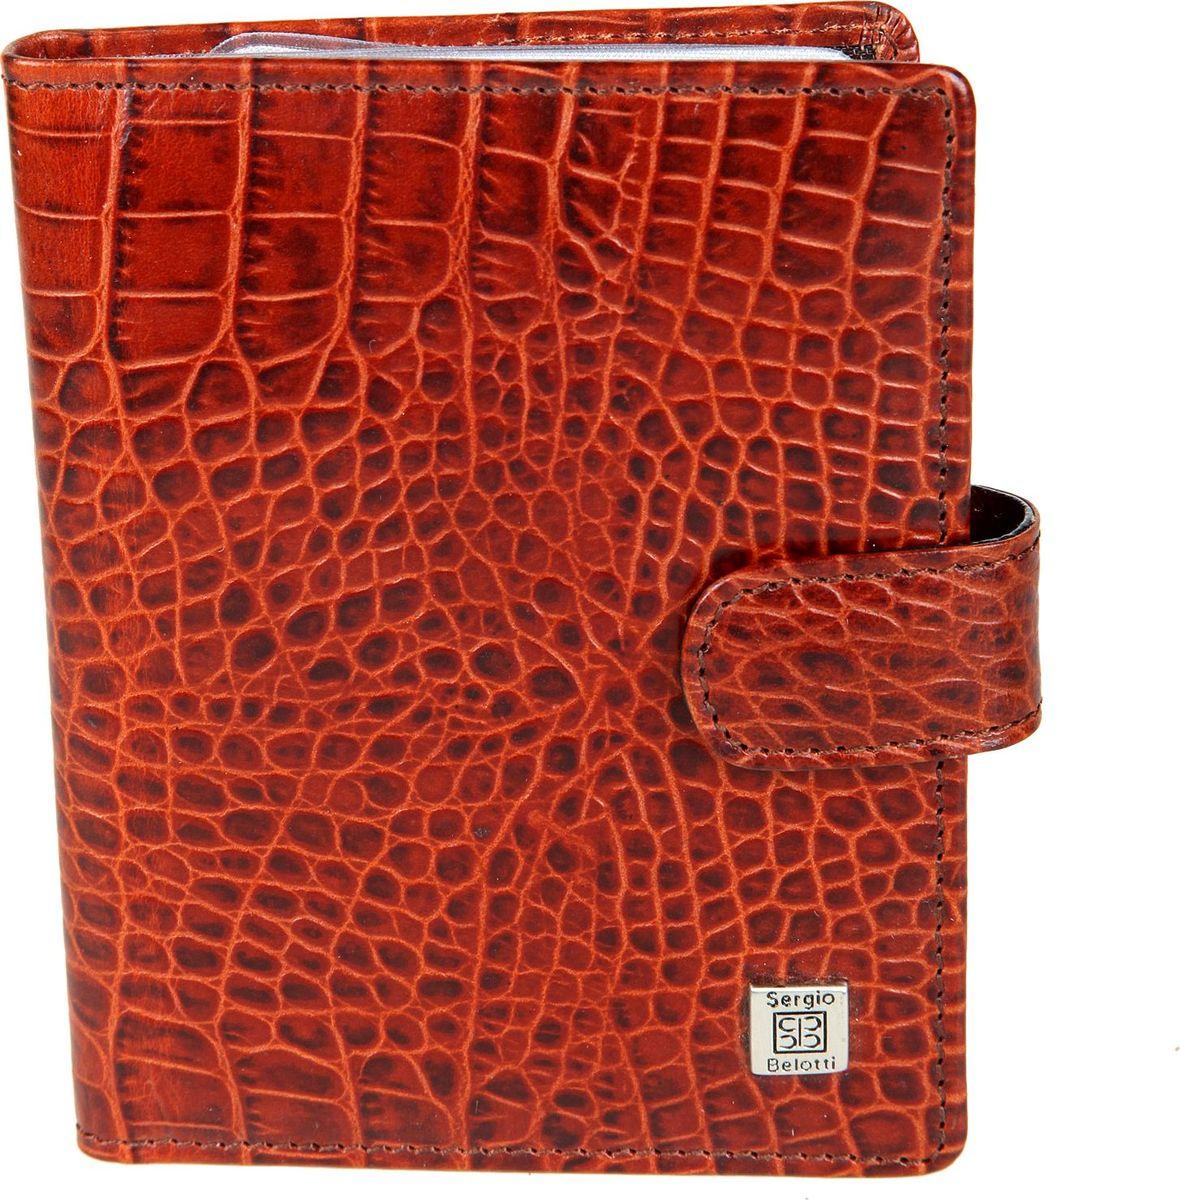 Обложка для автодокументов женская Sergio Belotti, цвет: коричневый. 27052705 modena cognacзакрывается клапаном на кнопке, раскладывается пополам внутри блок прозрачных файлов (шесть листов, один из них формата А5), для автодокументов (водительского удостоверения, техпаспорта, талон ТО, доверенности и т.п.) на внутренней стороне обложки три кармана для пластиковых карт отделение для документов, сетчатый карман